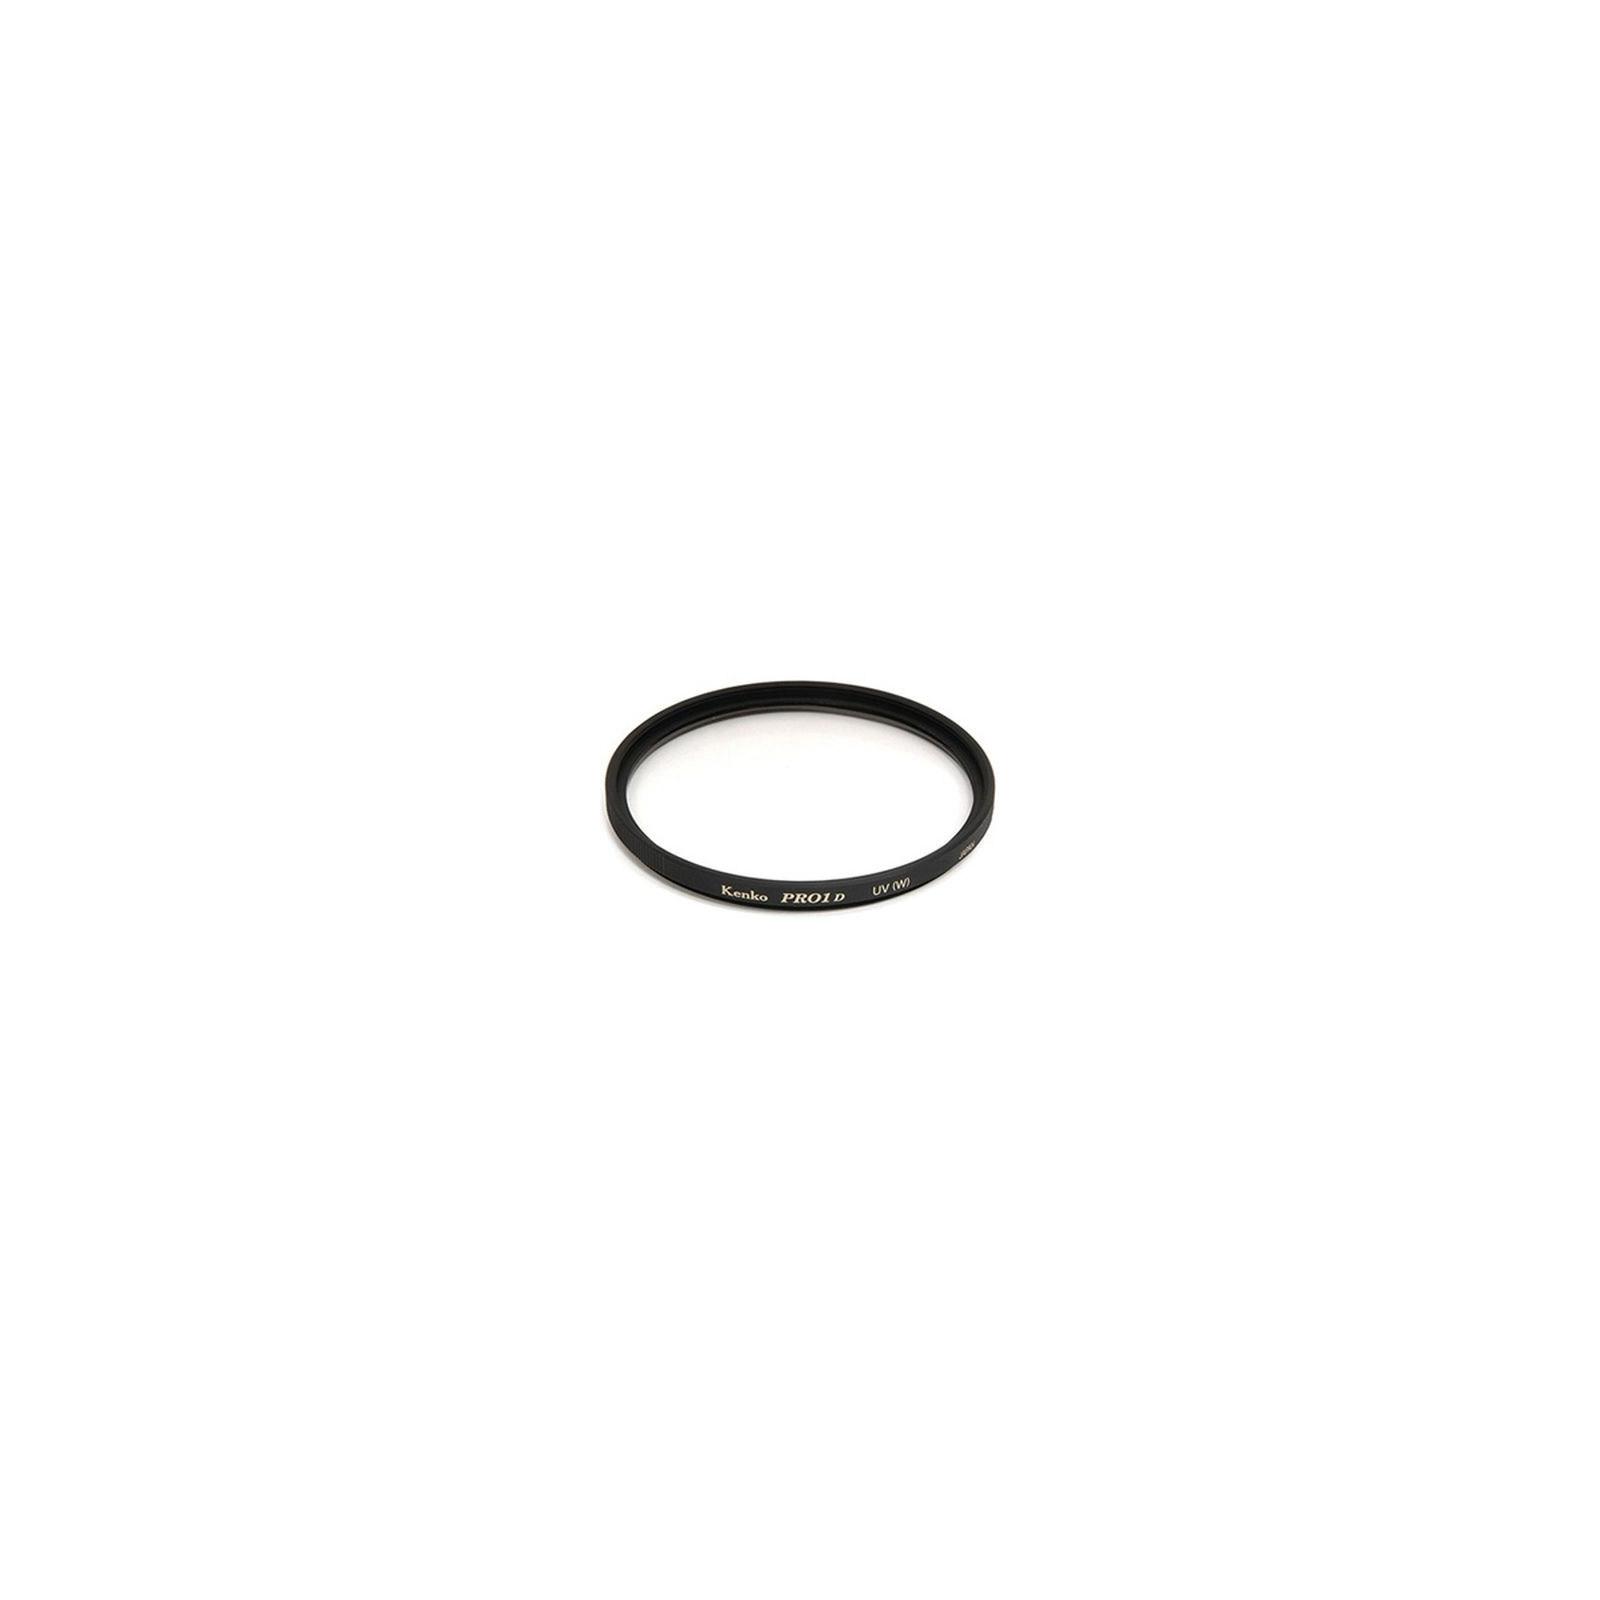 Светофильтр Kenko PRO1D UV 67mm (236706)